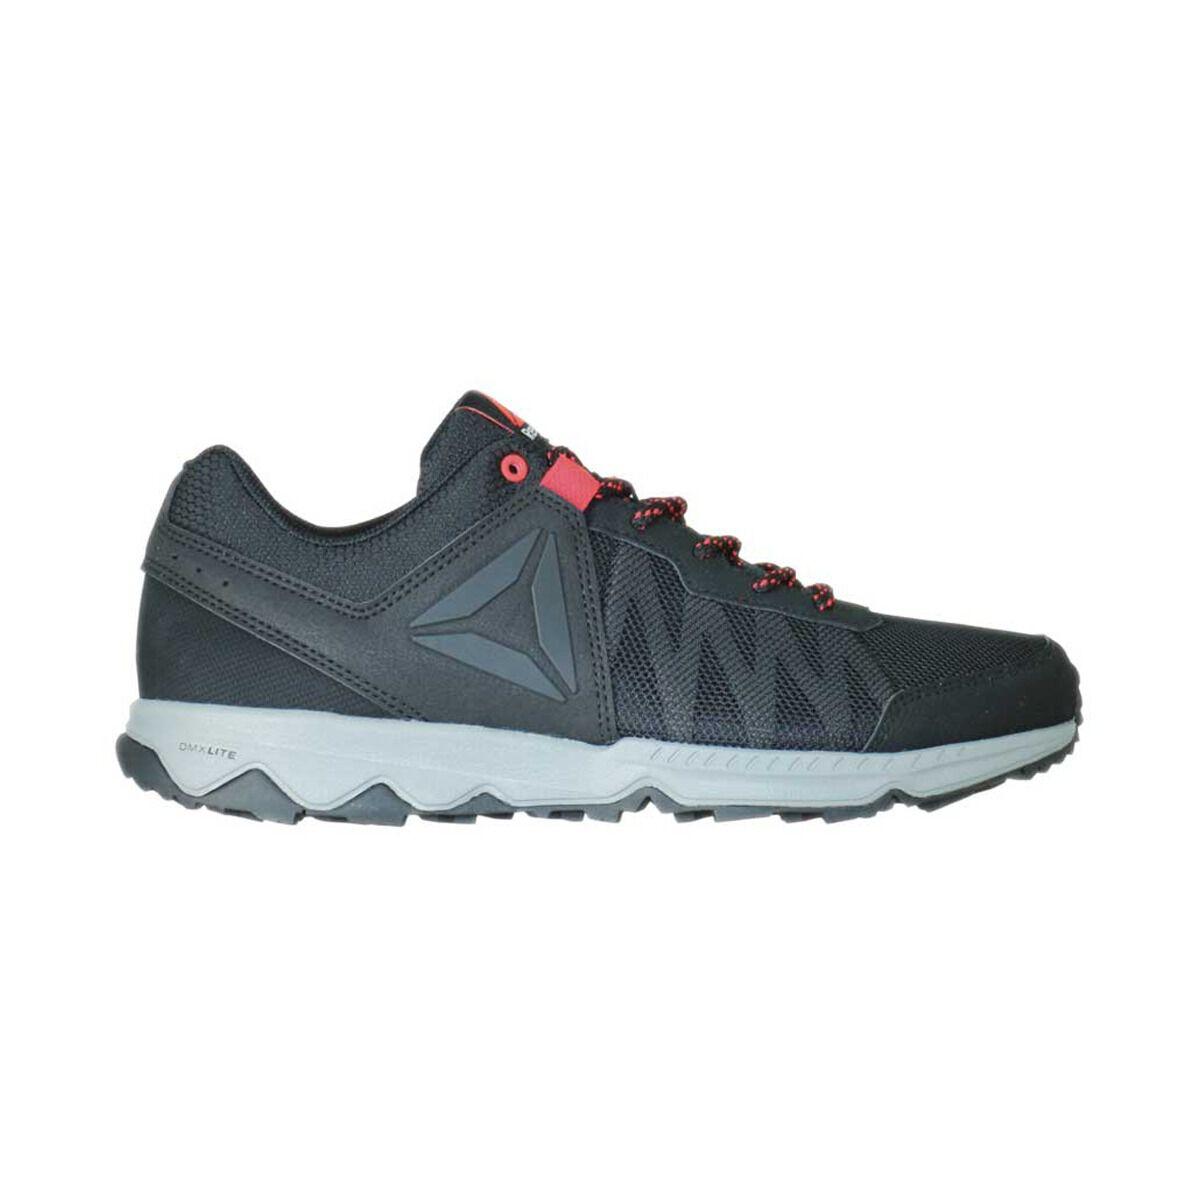 Reebok DMX Lite Katak Mens Walking Shoes